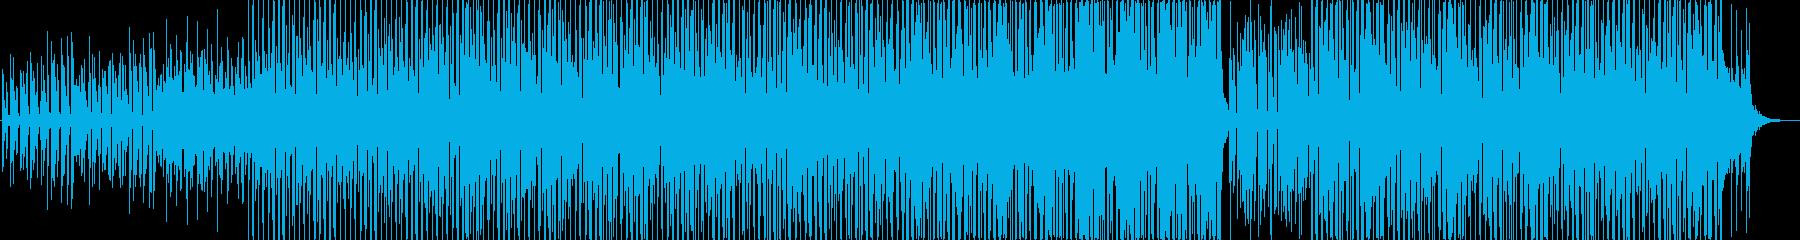 イージーリスニング 感情的 説明的...の再生済みの波形